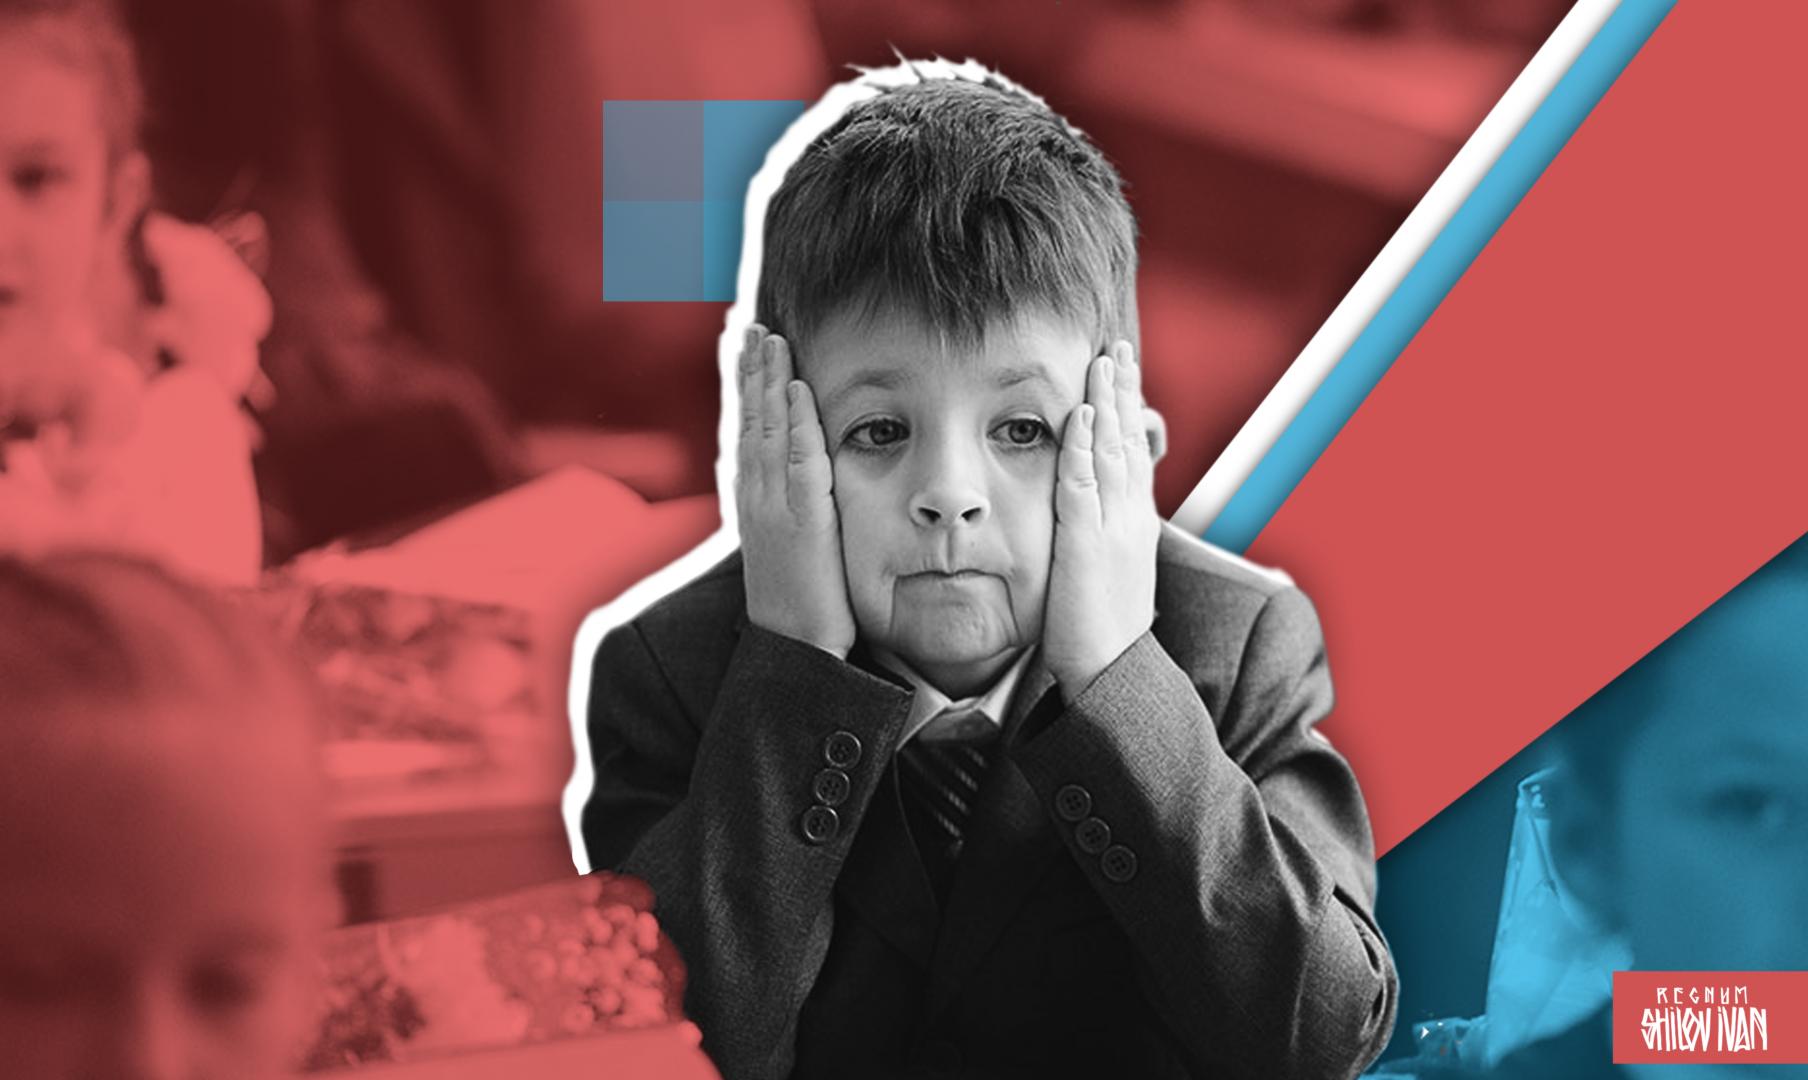 «Бедные дети»: почему нужно убрать избирательные участки из школ?